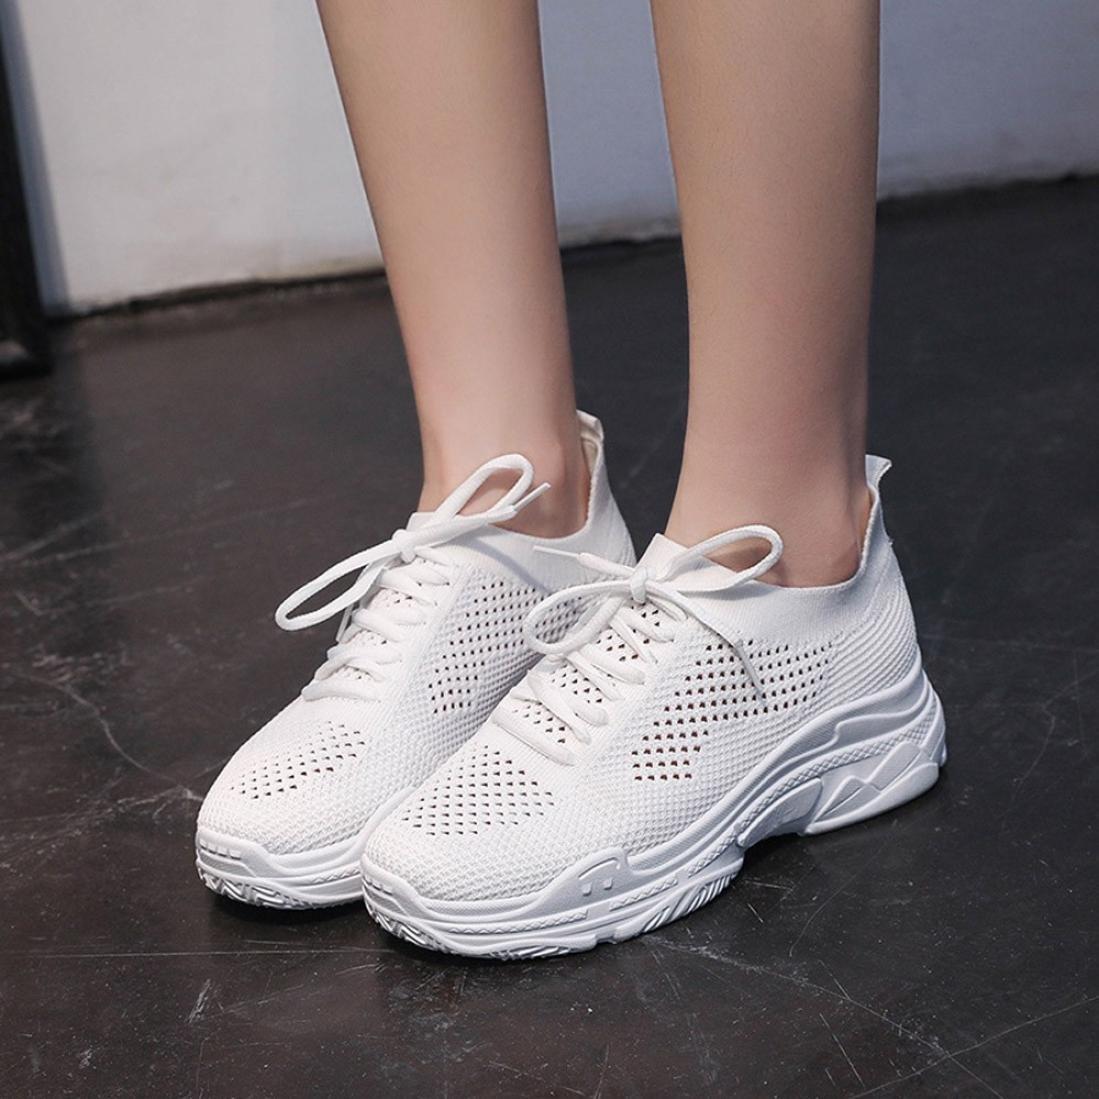 Zapato deportivo mujer, Covermason Calzado deportivo para mujer para caminar: Amazon.es: Ropa y accesorios